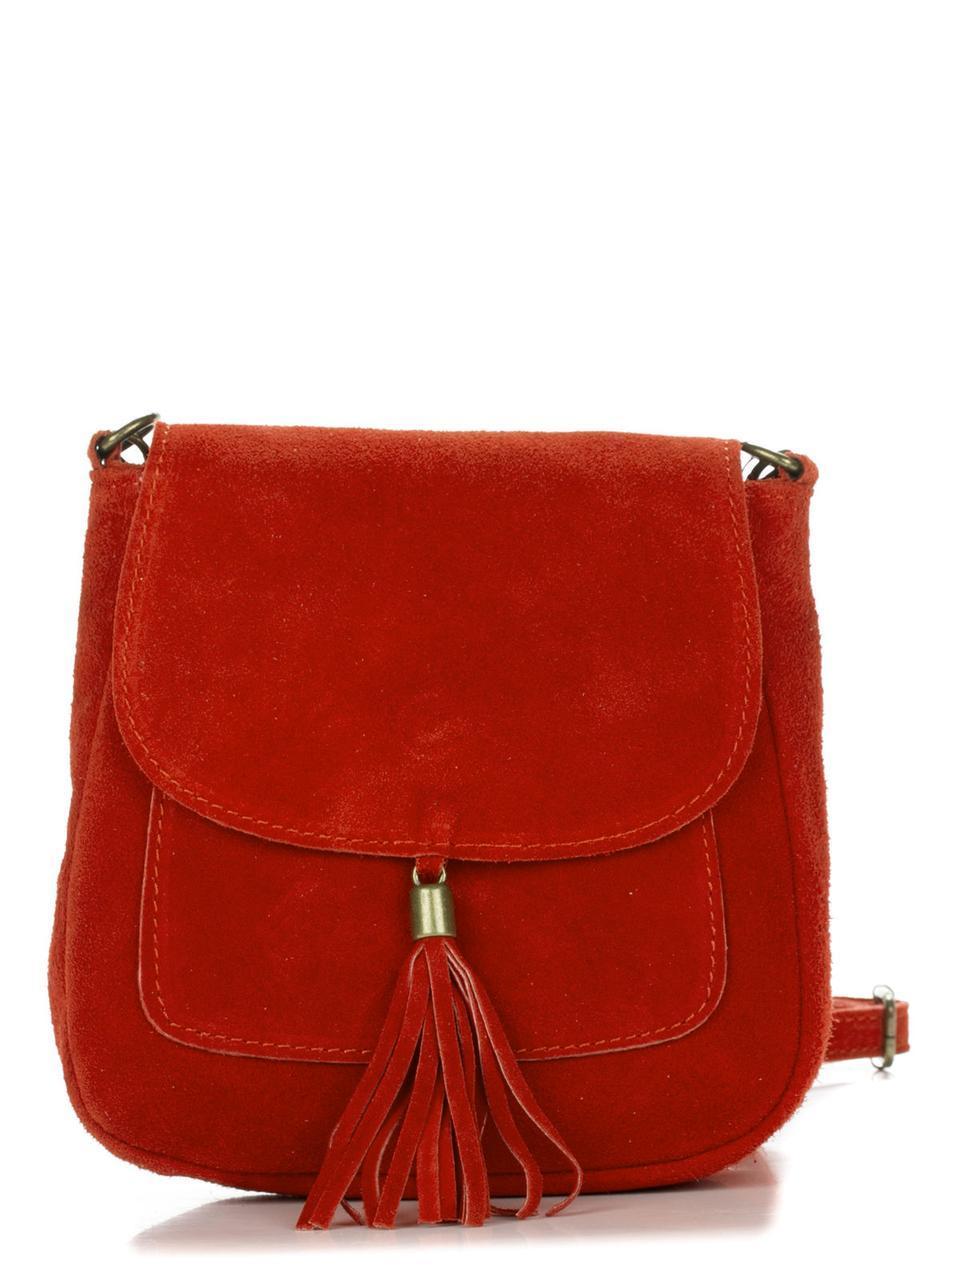 Женская кожаная сумка LANIRA Diva's Bag цвет красный